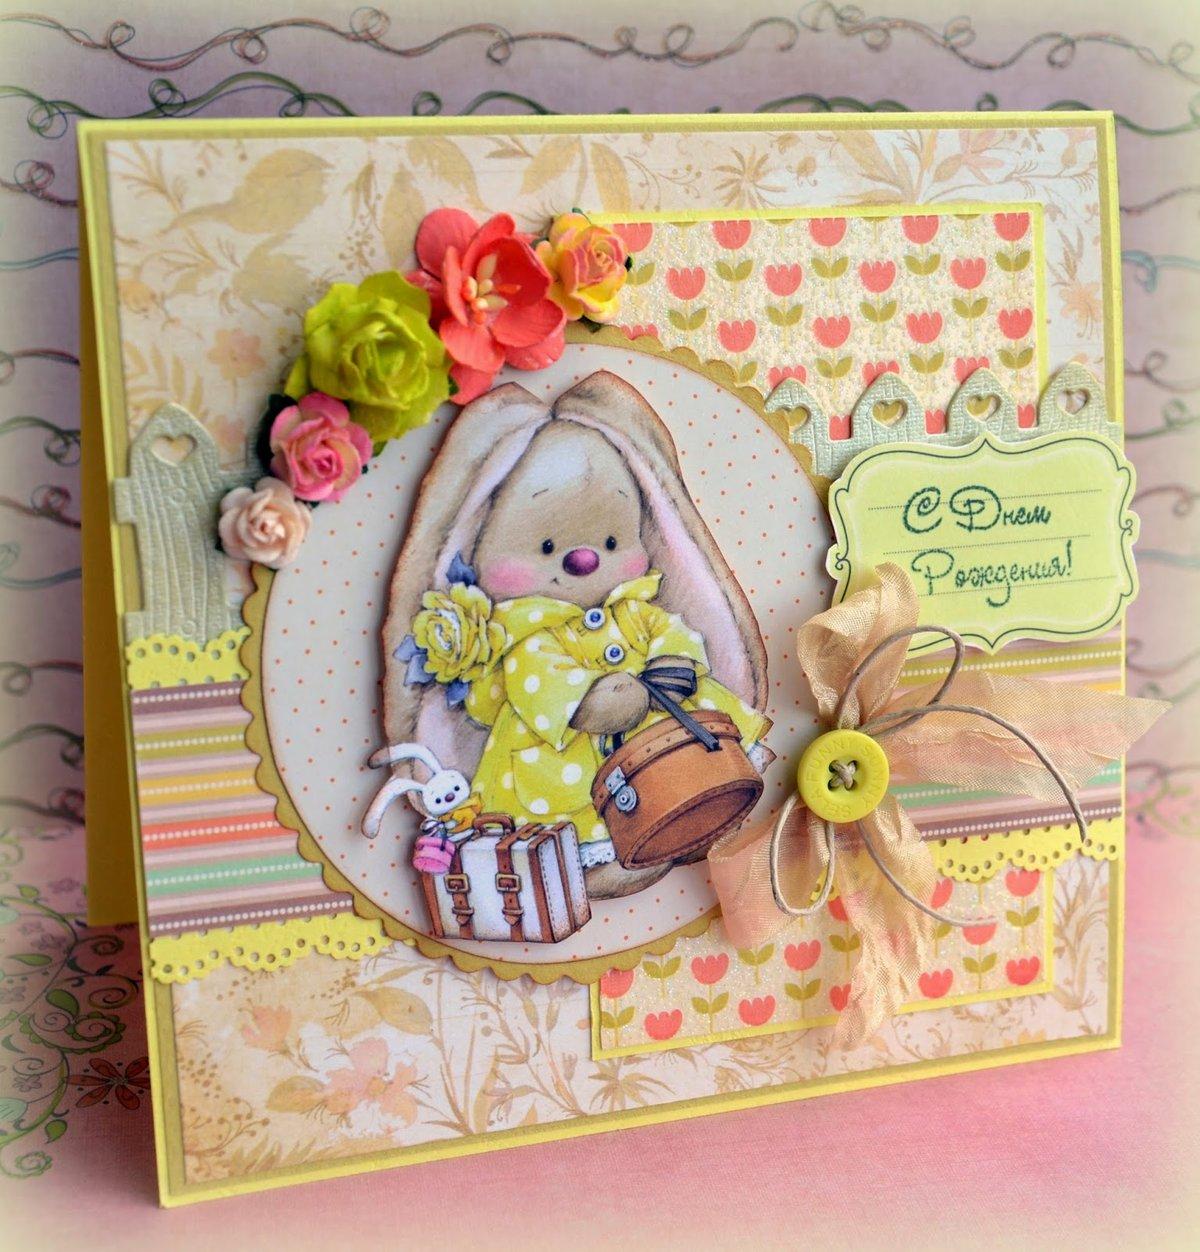 Скрап открытки с днем рождения для девочки, надписью